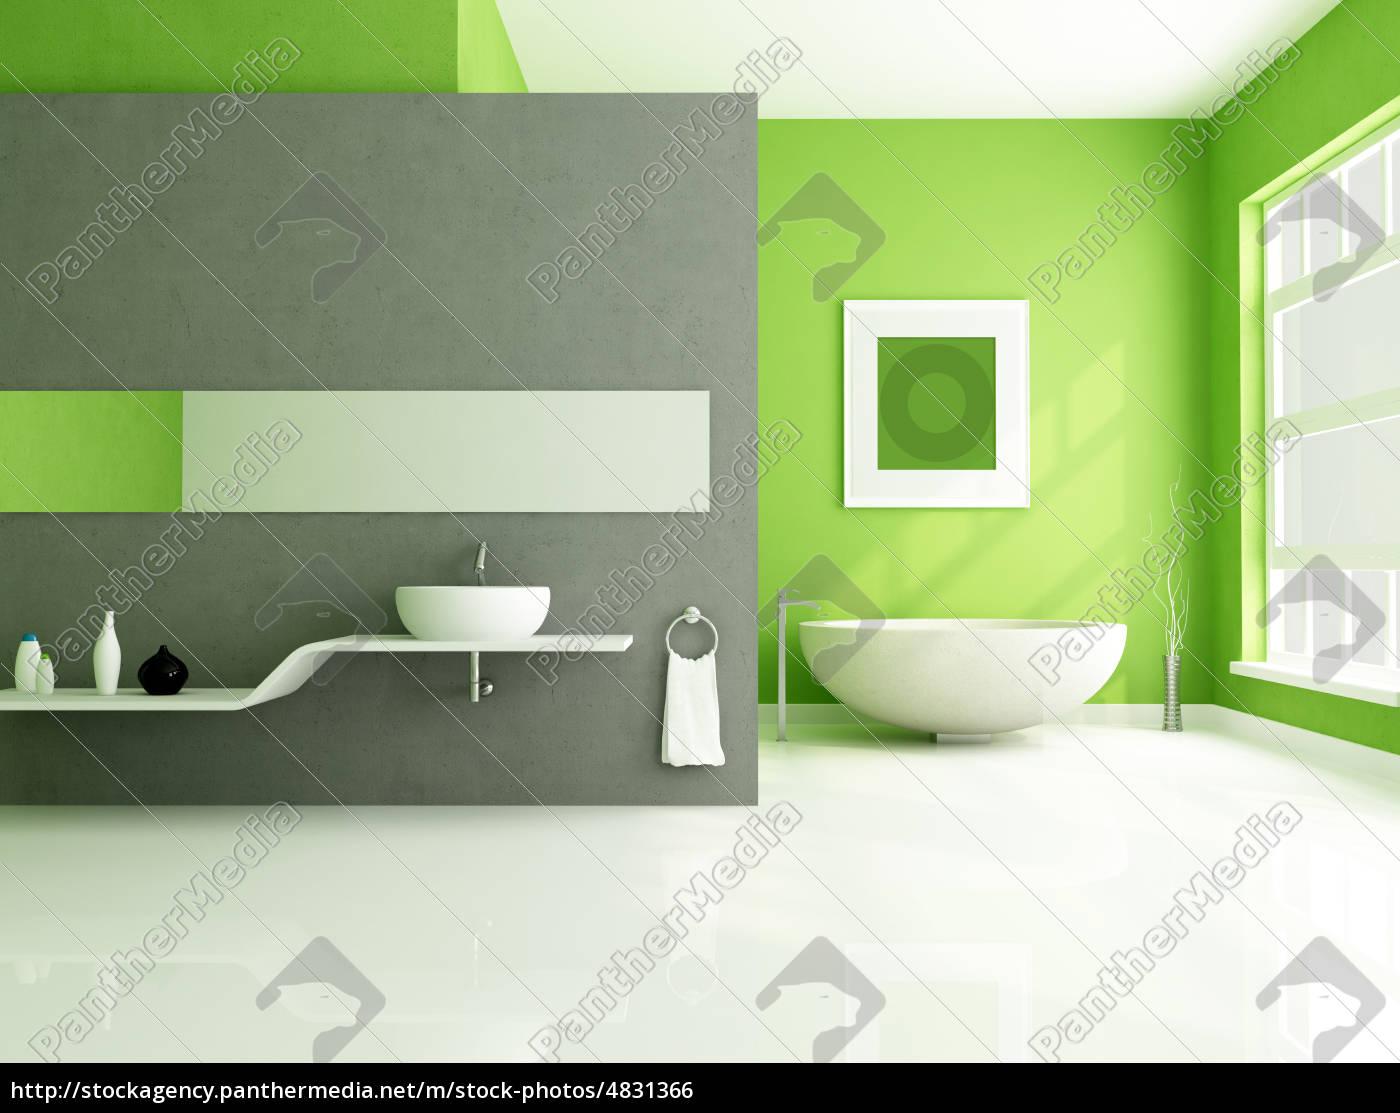 Stock Bild 4831366 - grün und grau zeitgenössische badezimmer